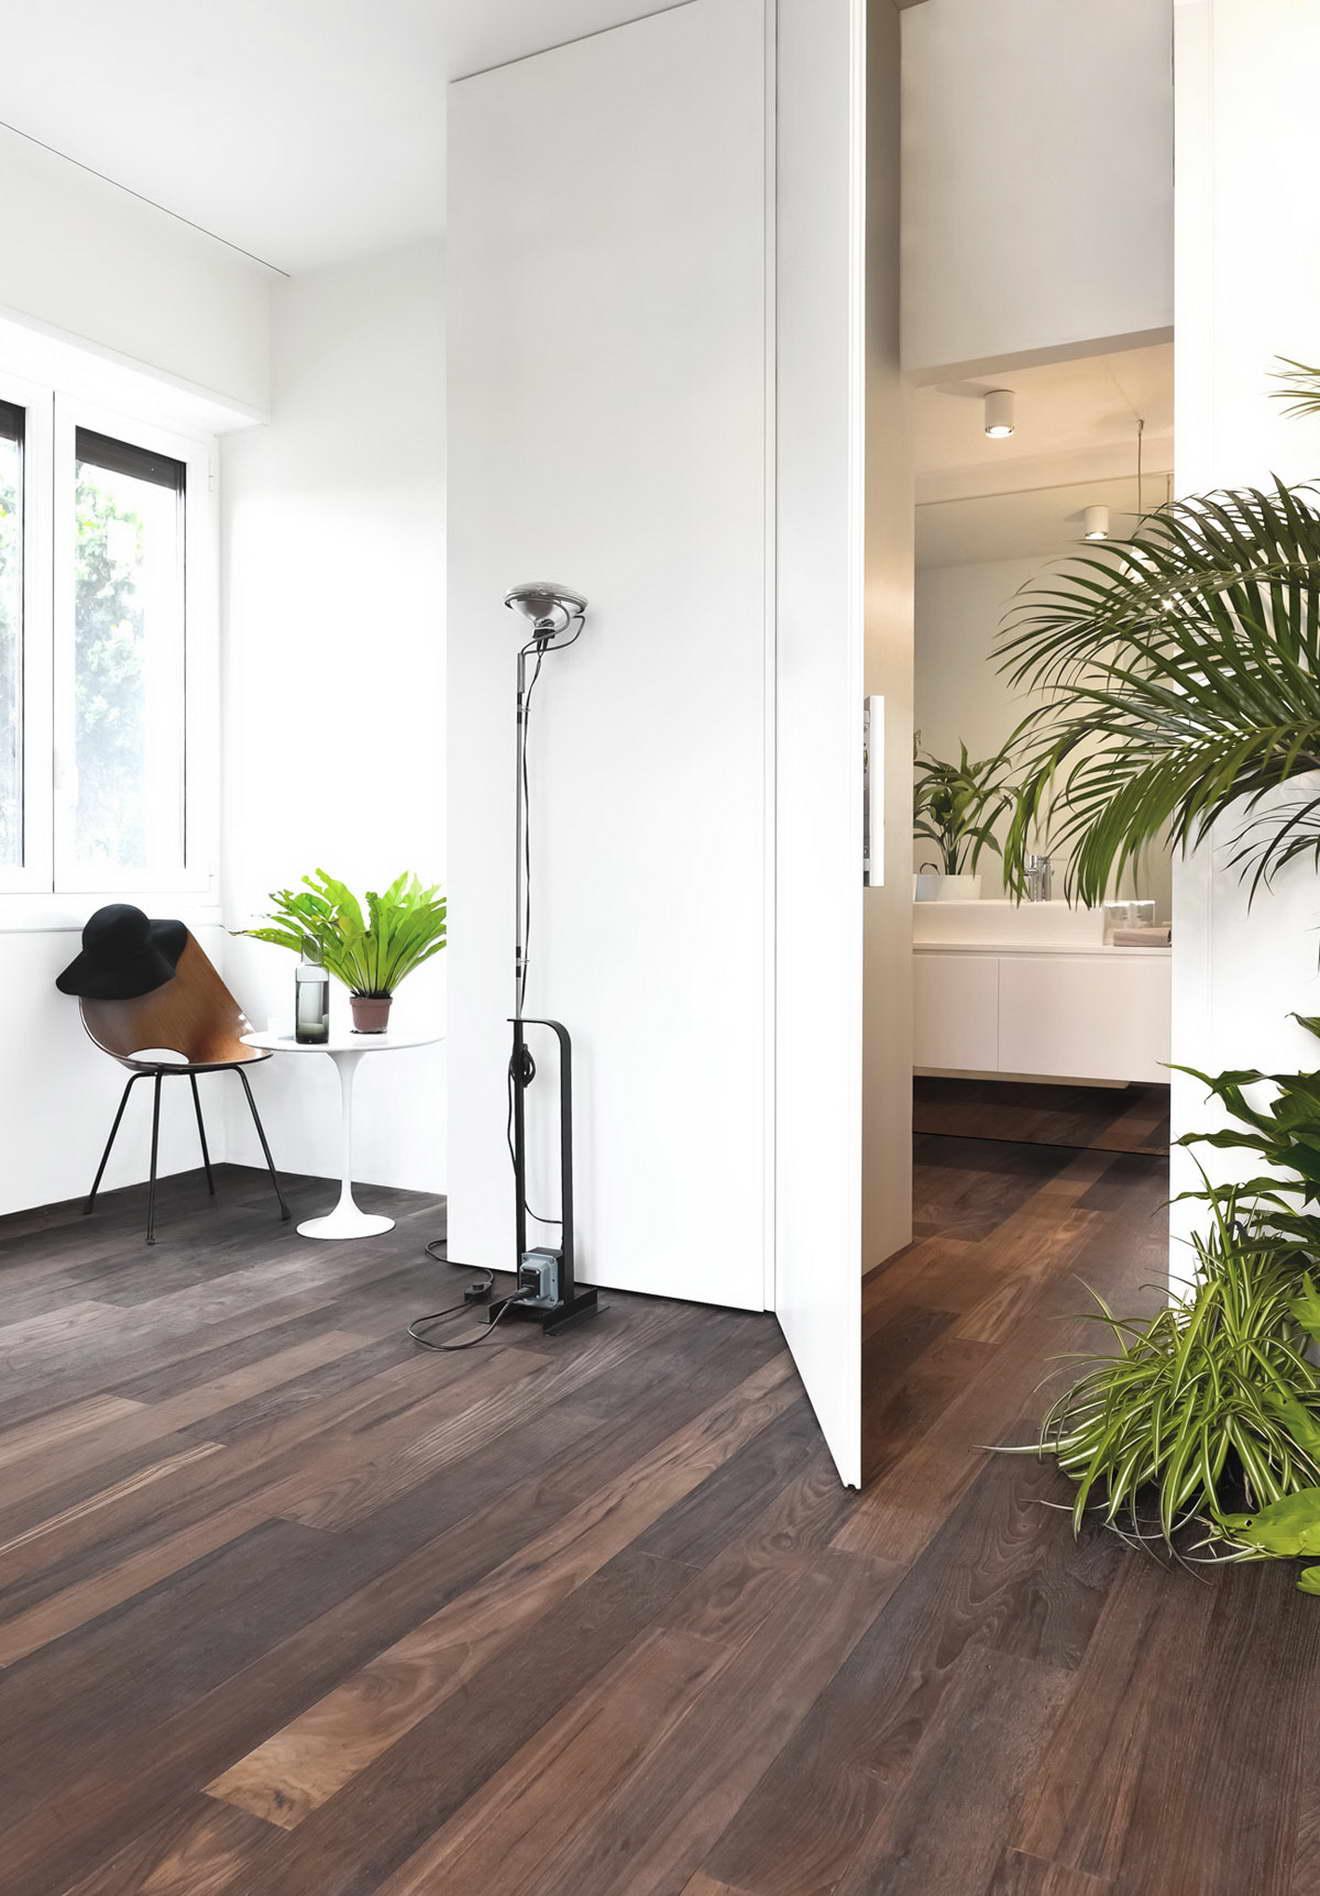 kreatív lakás fürdőszoba szekrénybe rejtve